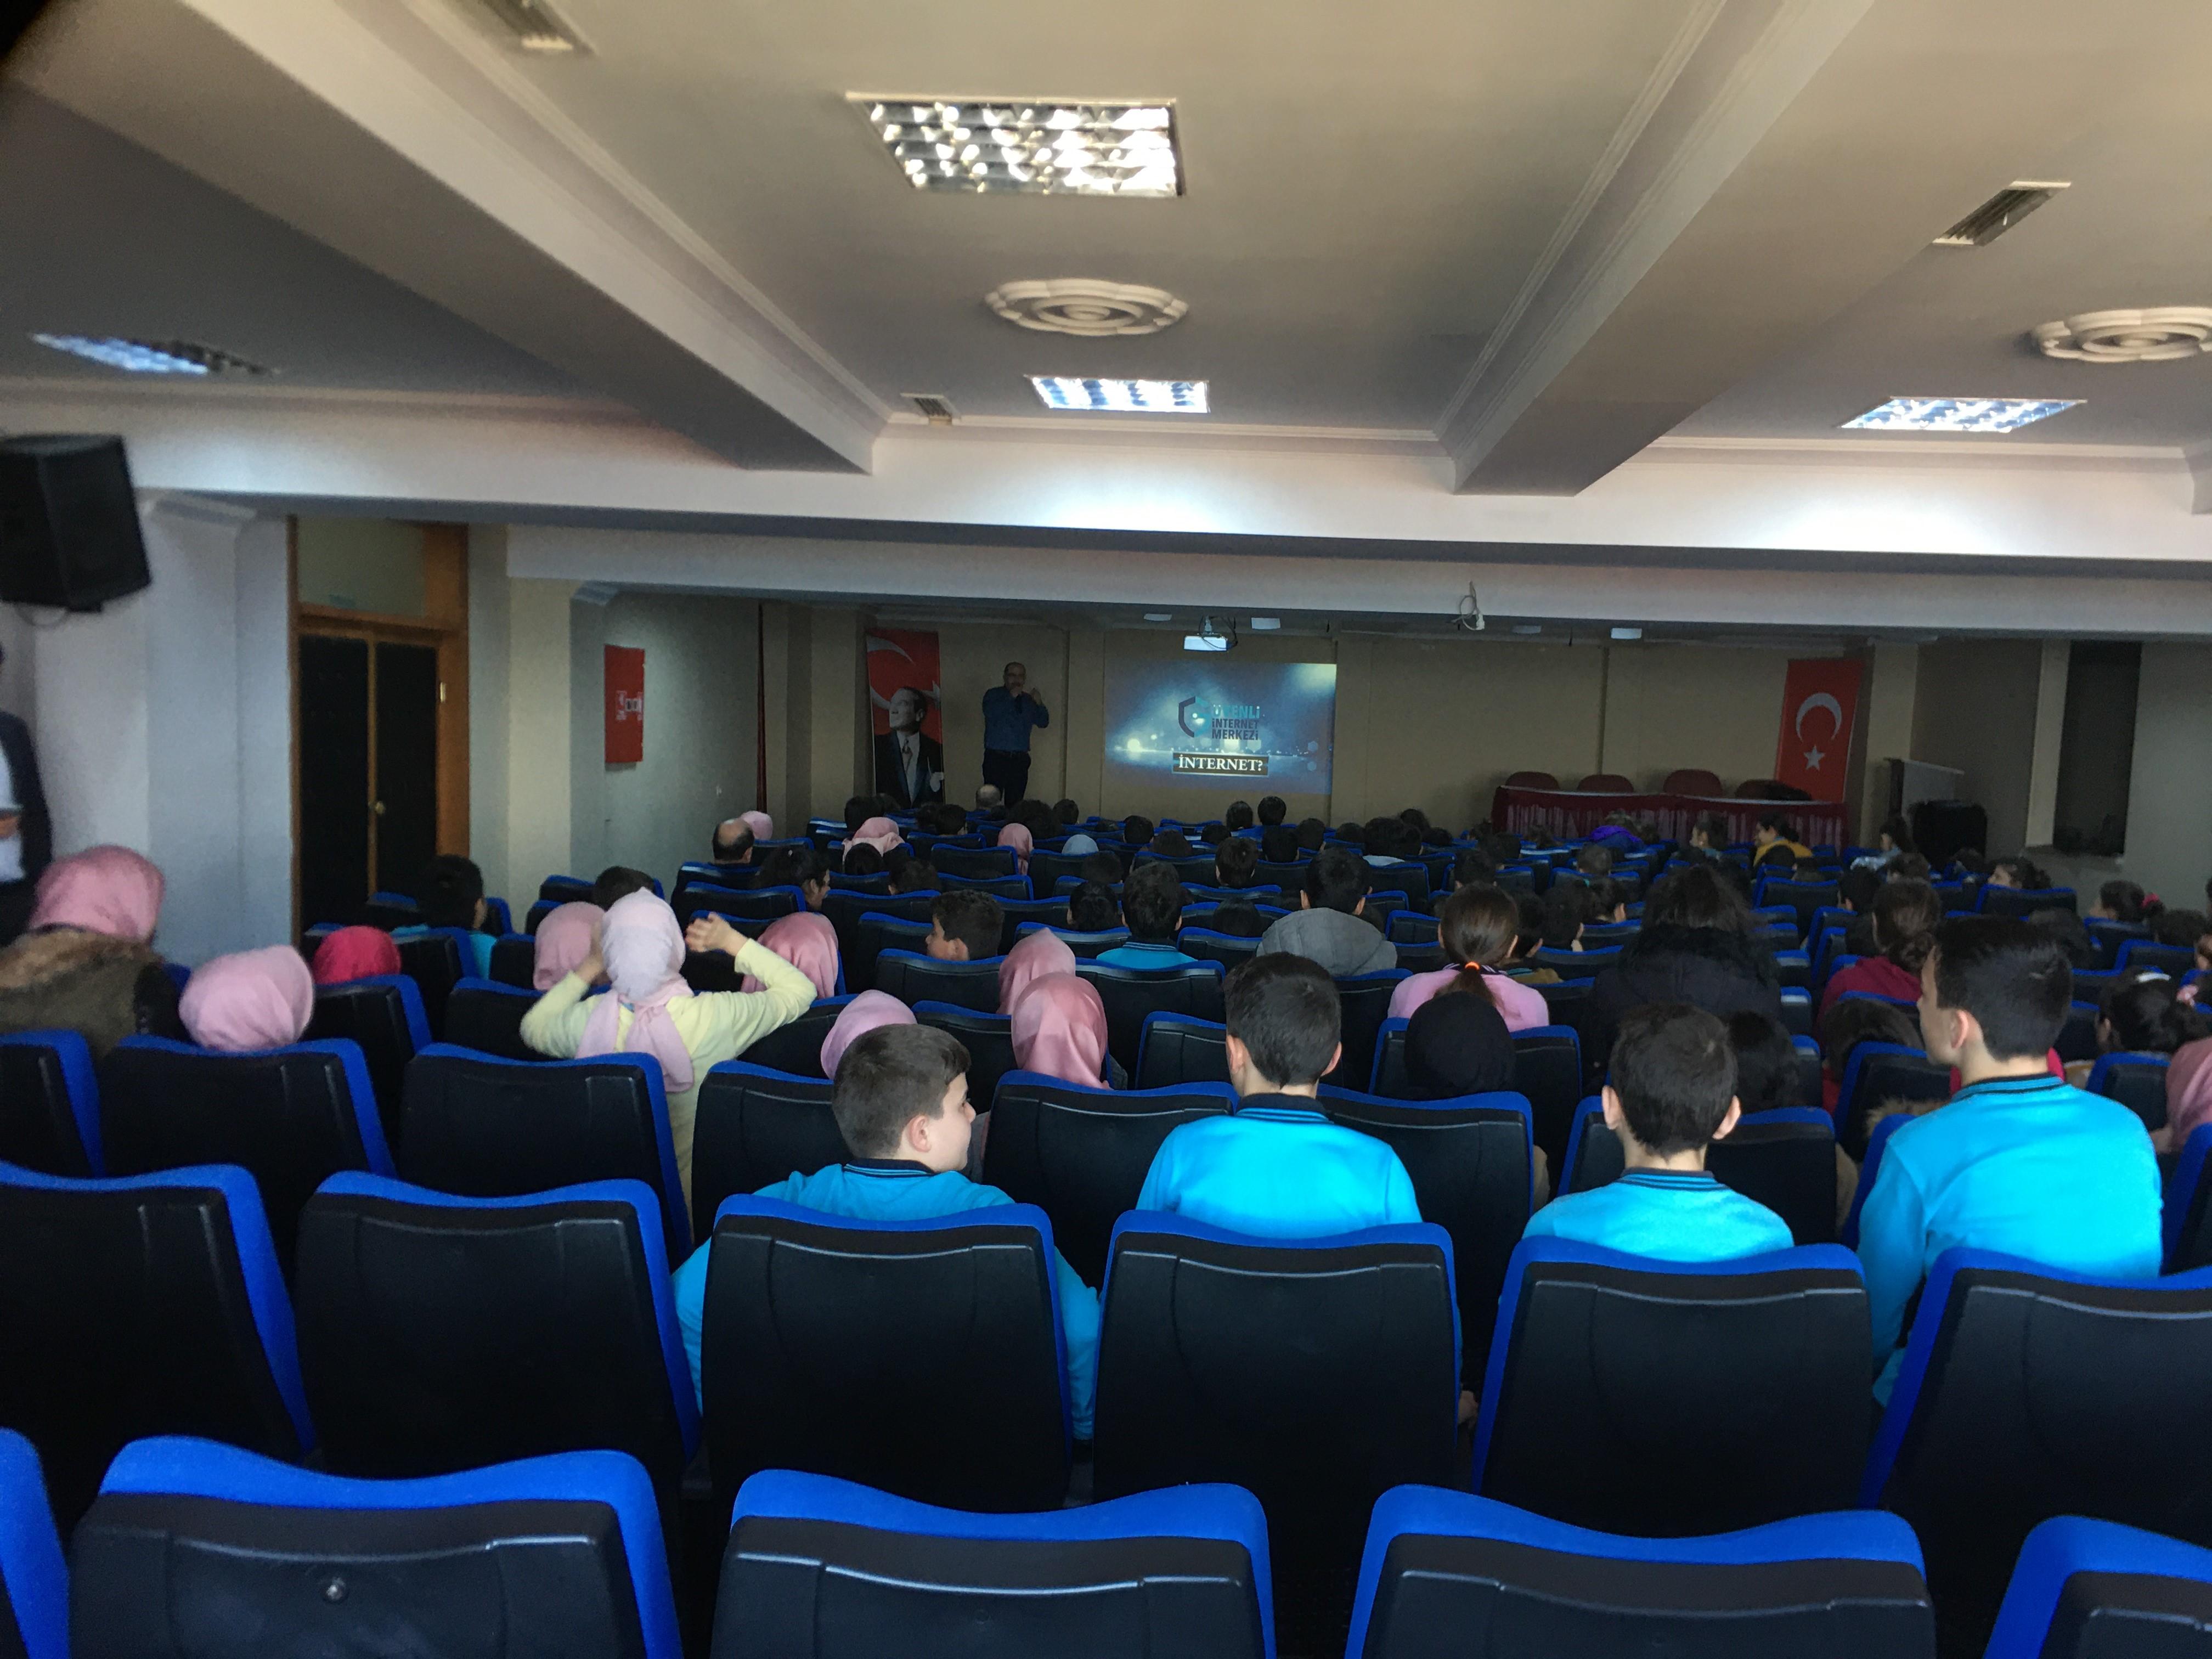 Rize, Fındıklı ve Çamlıhemşin Milli Eğitim Müdürlüğüne Bağlı Ortaokullara Yönelik, Bilinçli Ve Güvenli İnternet Semineri